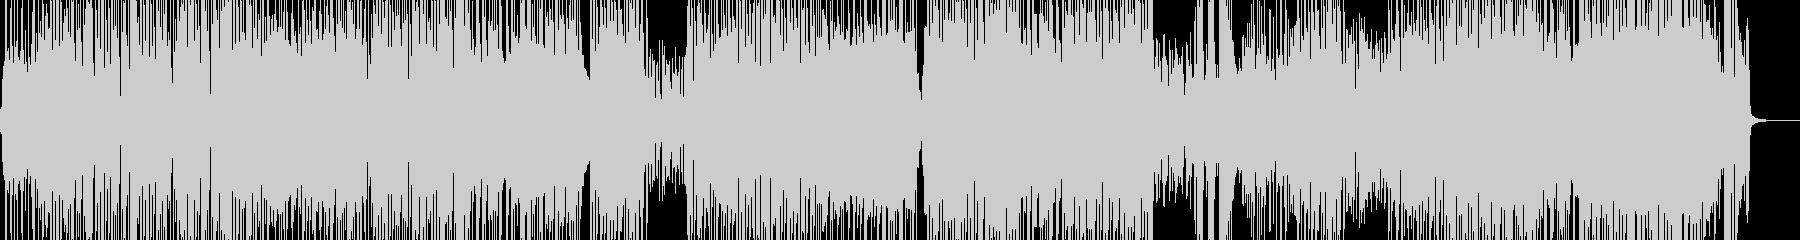 パステル調・ゆるふわメルヘンポップ A2の未再生の波形